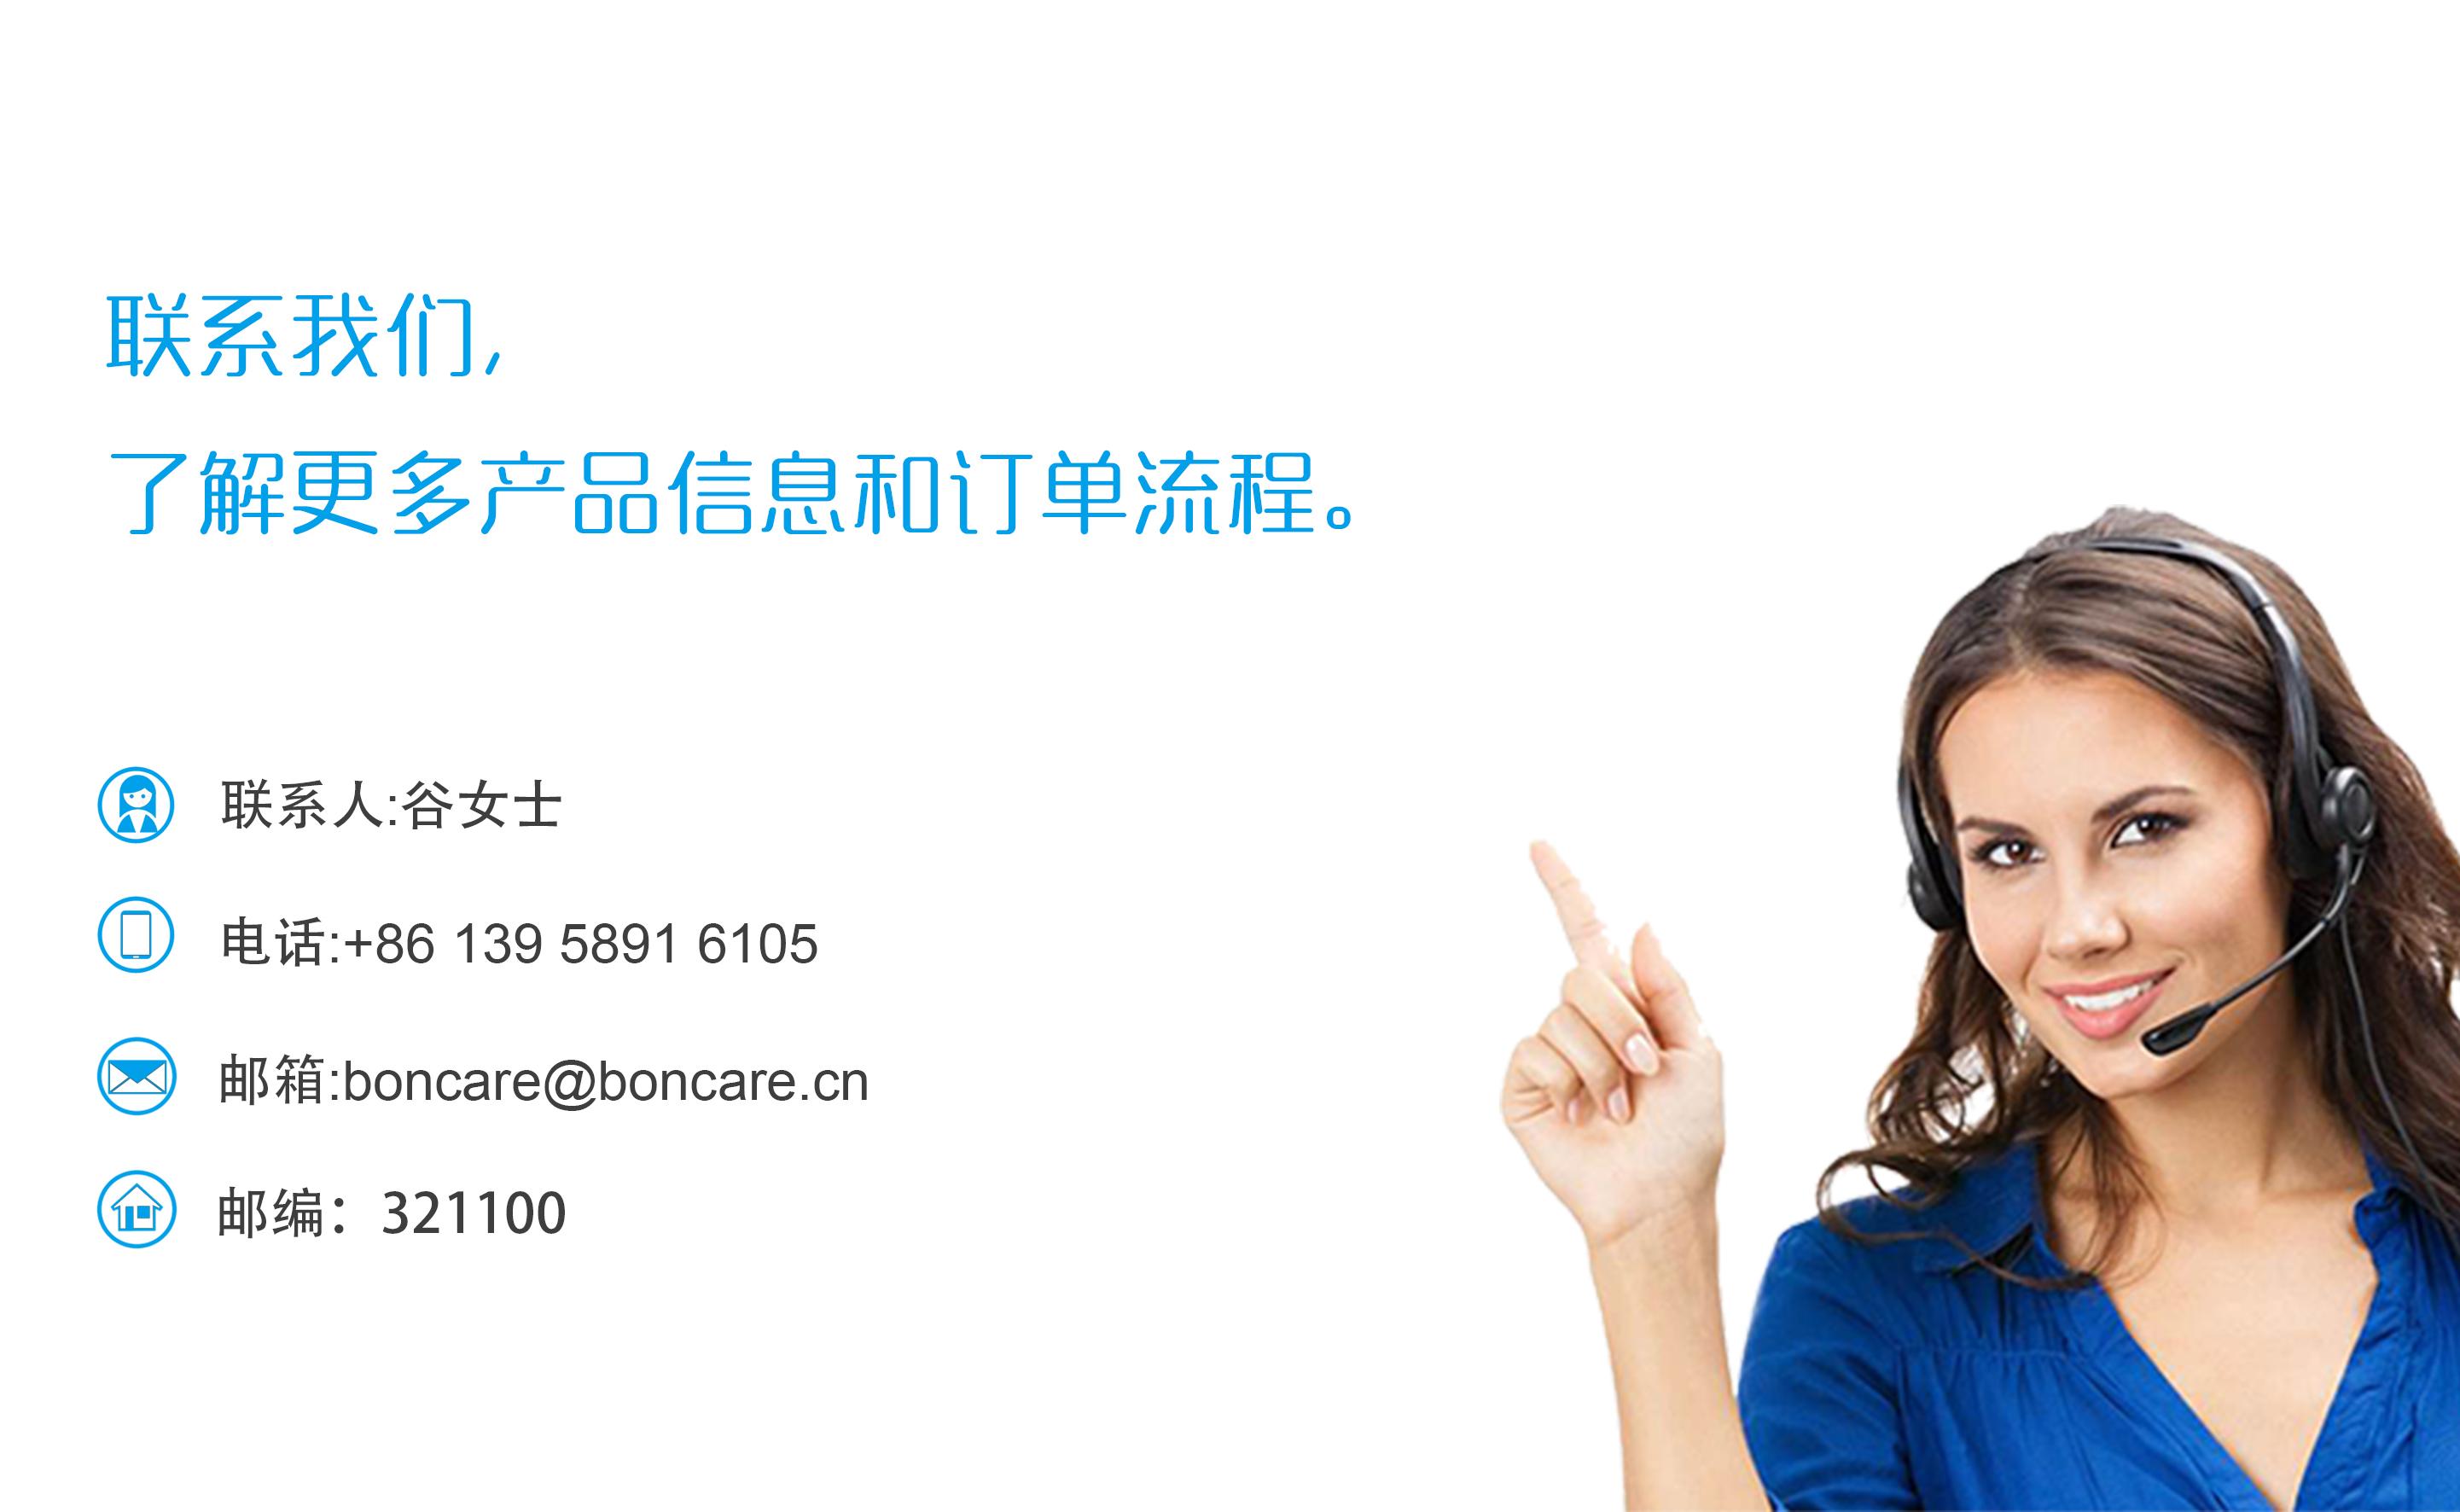 中文网站联系我们